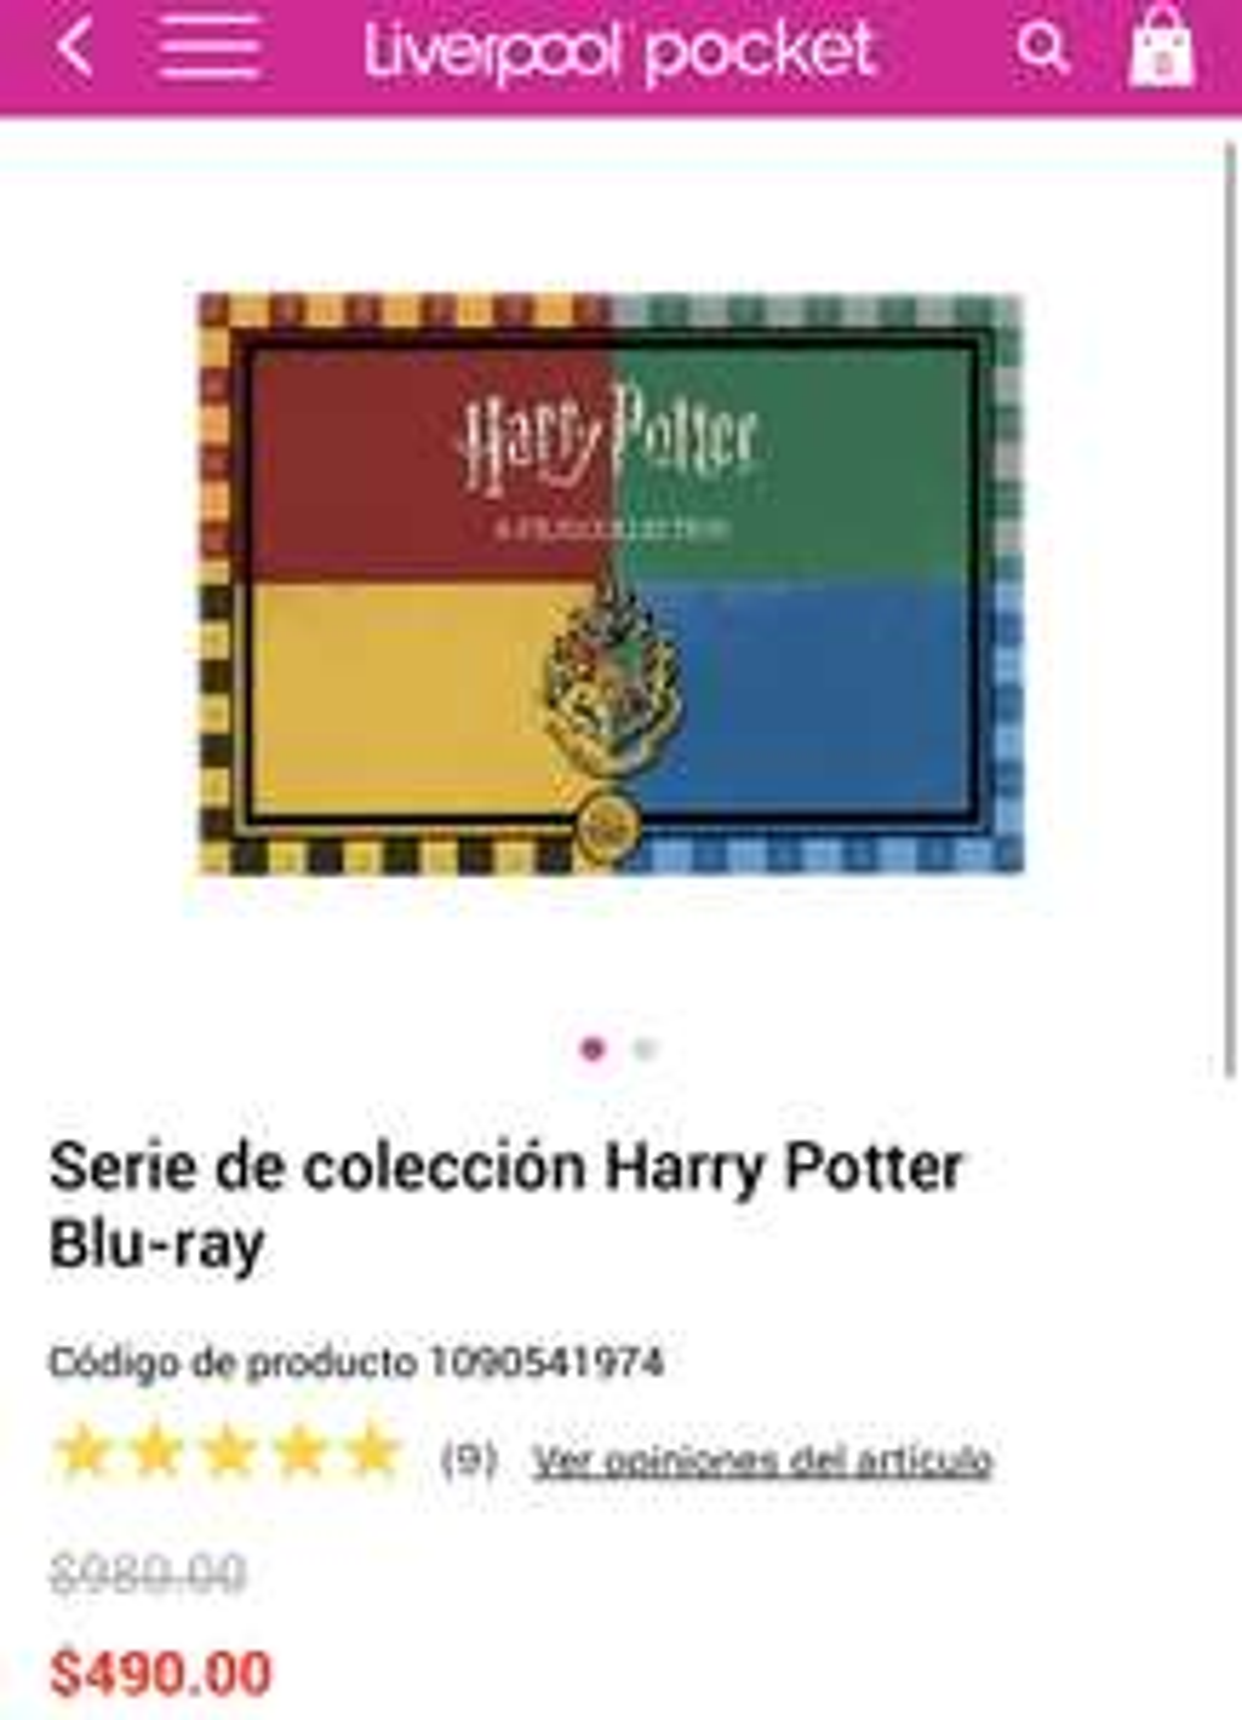 Liverpool: Colección 8 películas Harry Potter blue ray